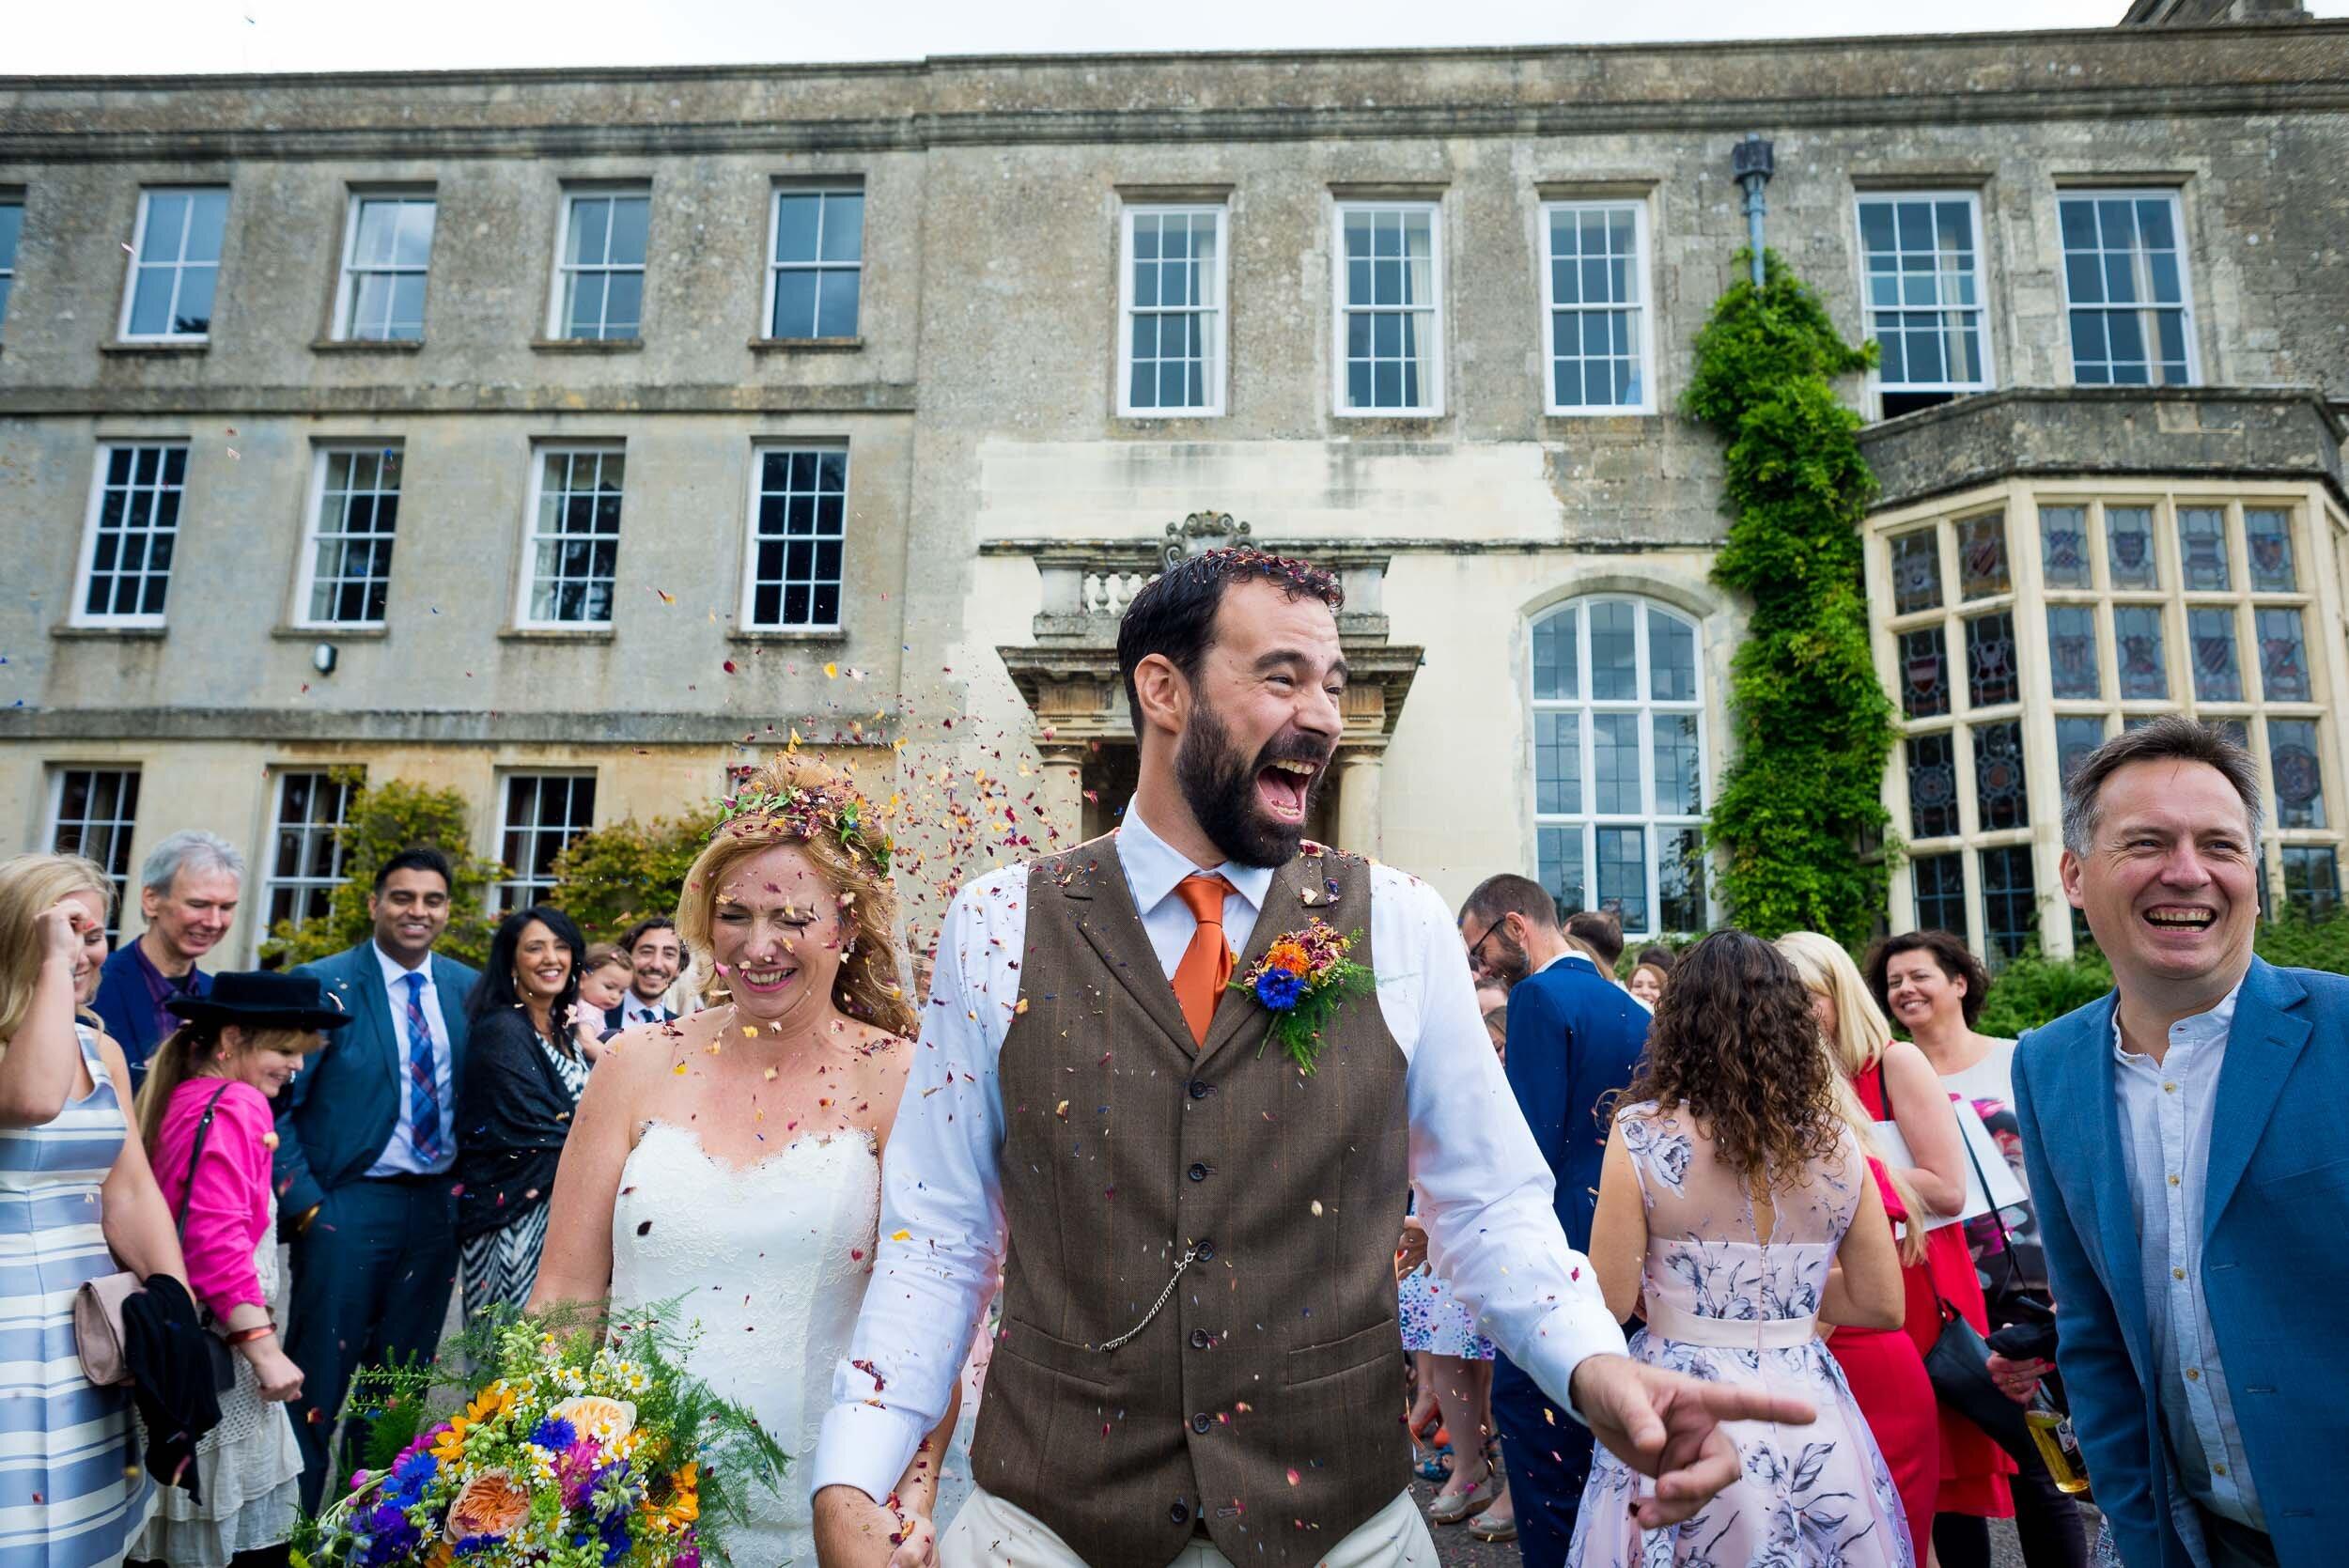 ELMORE-COURT-WEDDING-PHOTOGRAPHER-WILL-WAREHAM-PHOTO-4.jpg